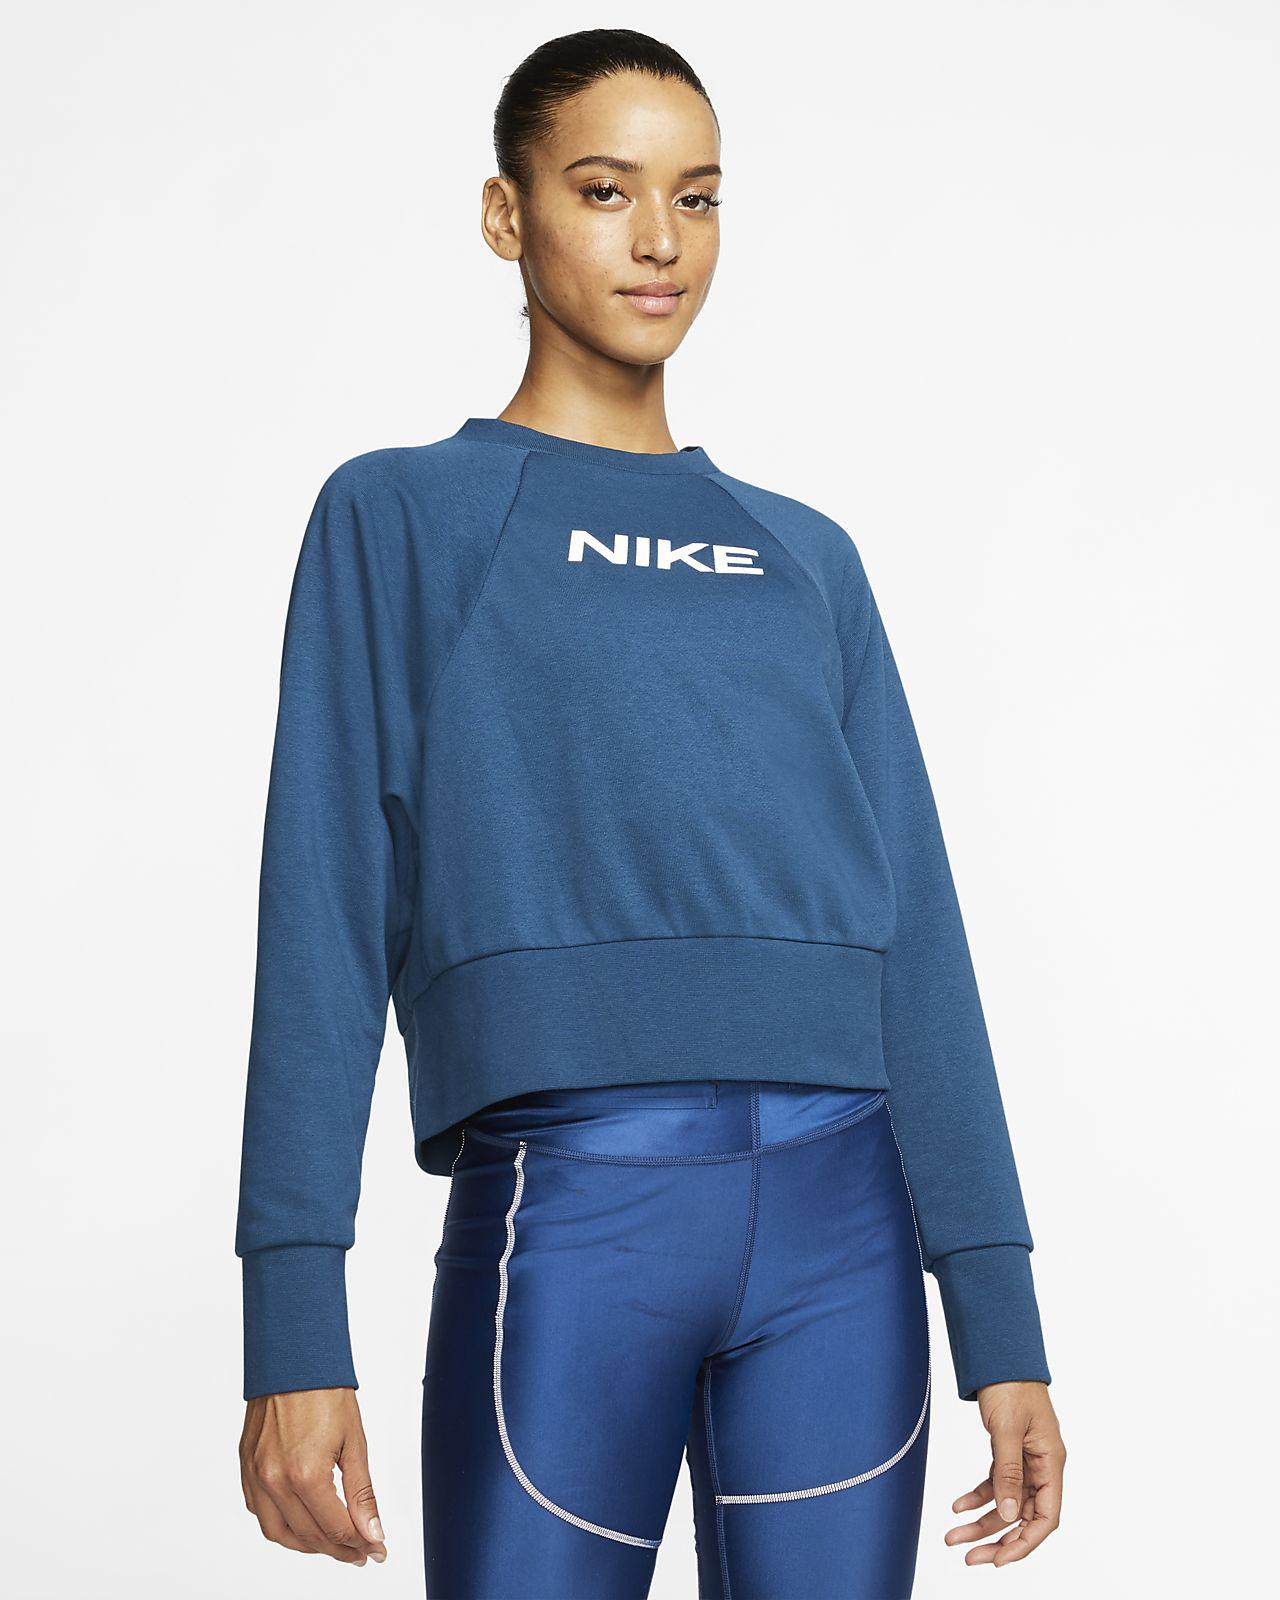 Dámská tréninková mikina Nike Dri-FIT Get Fit s kulatým výstřihem